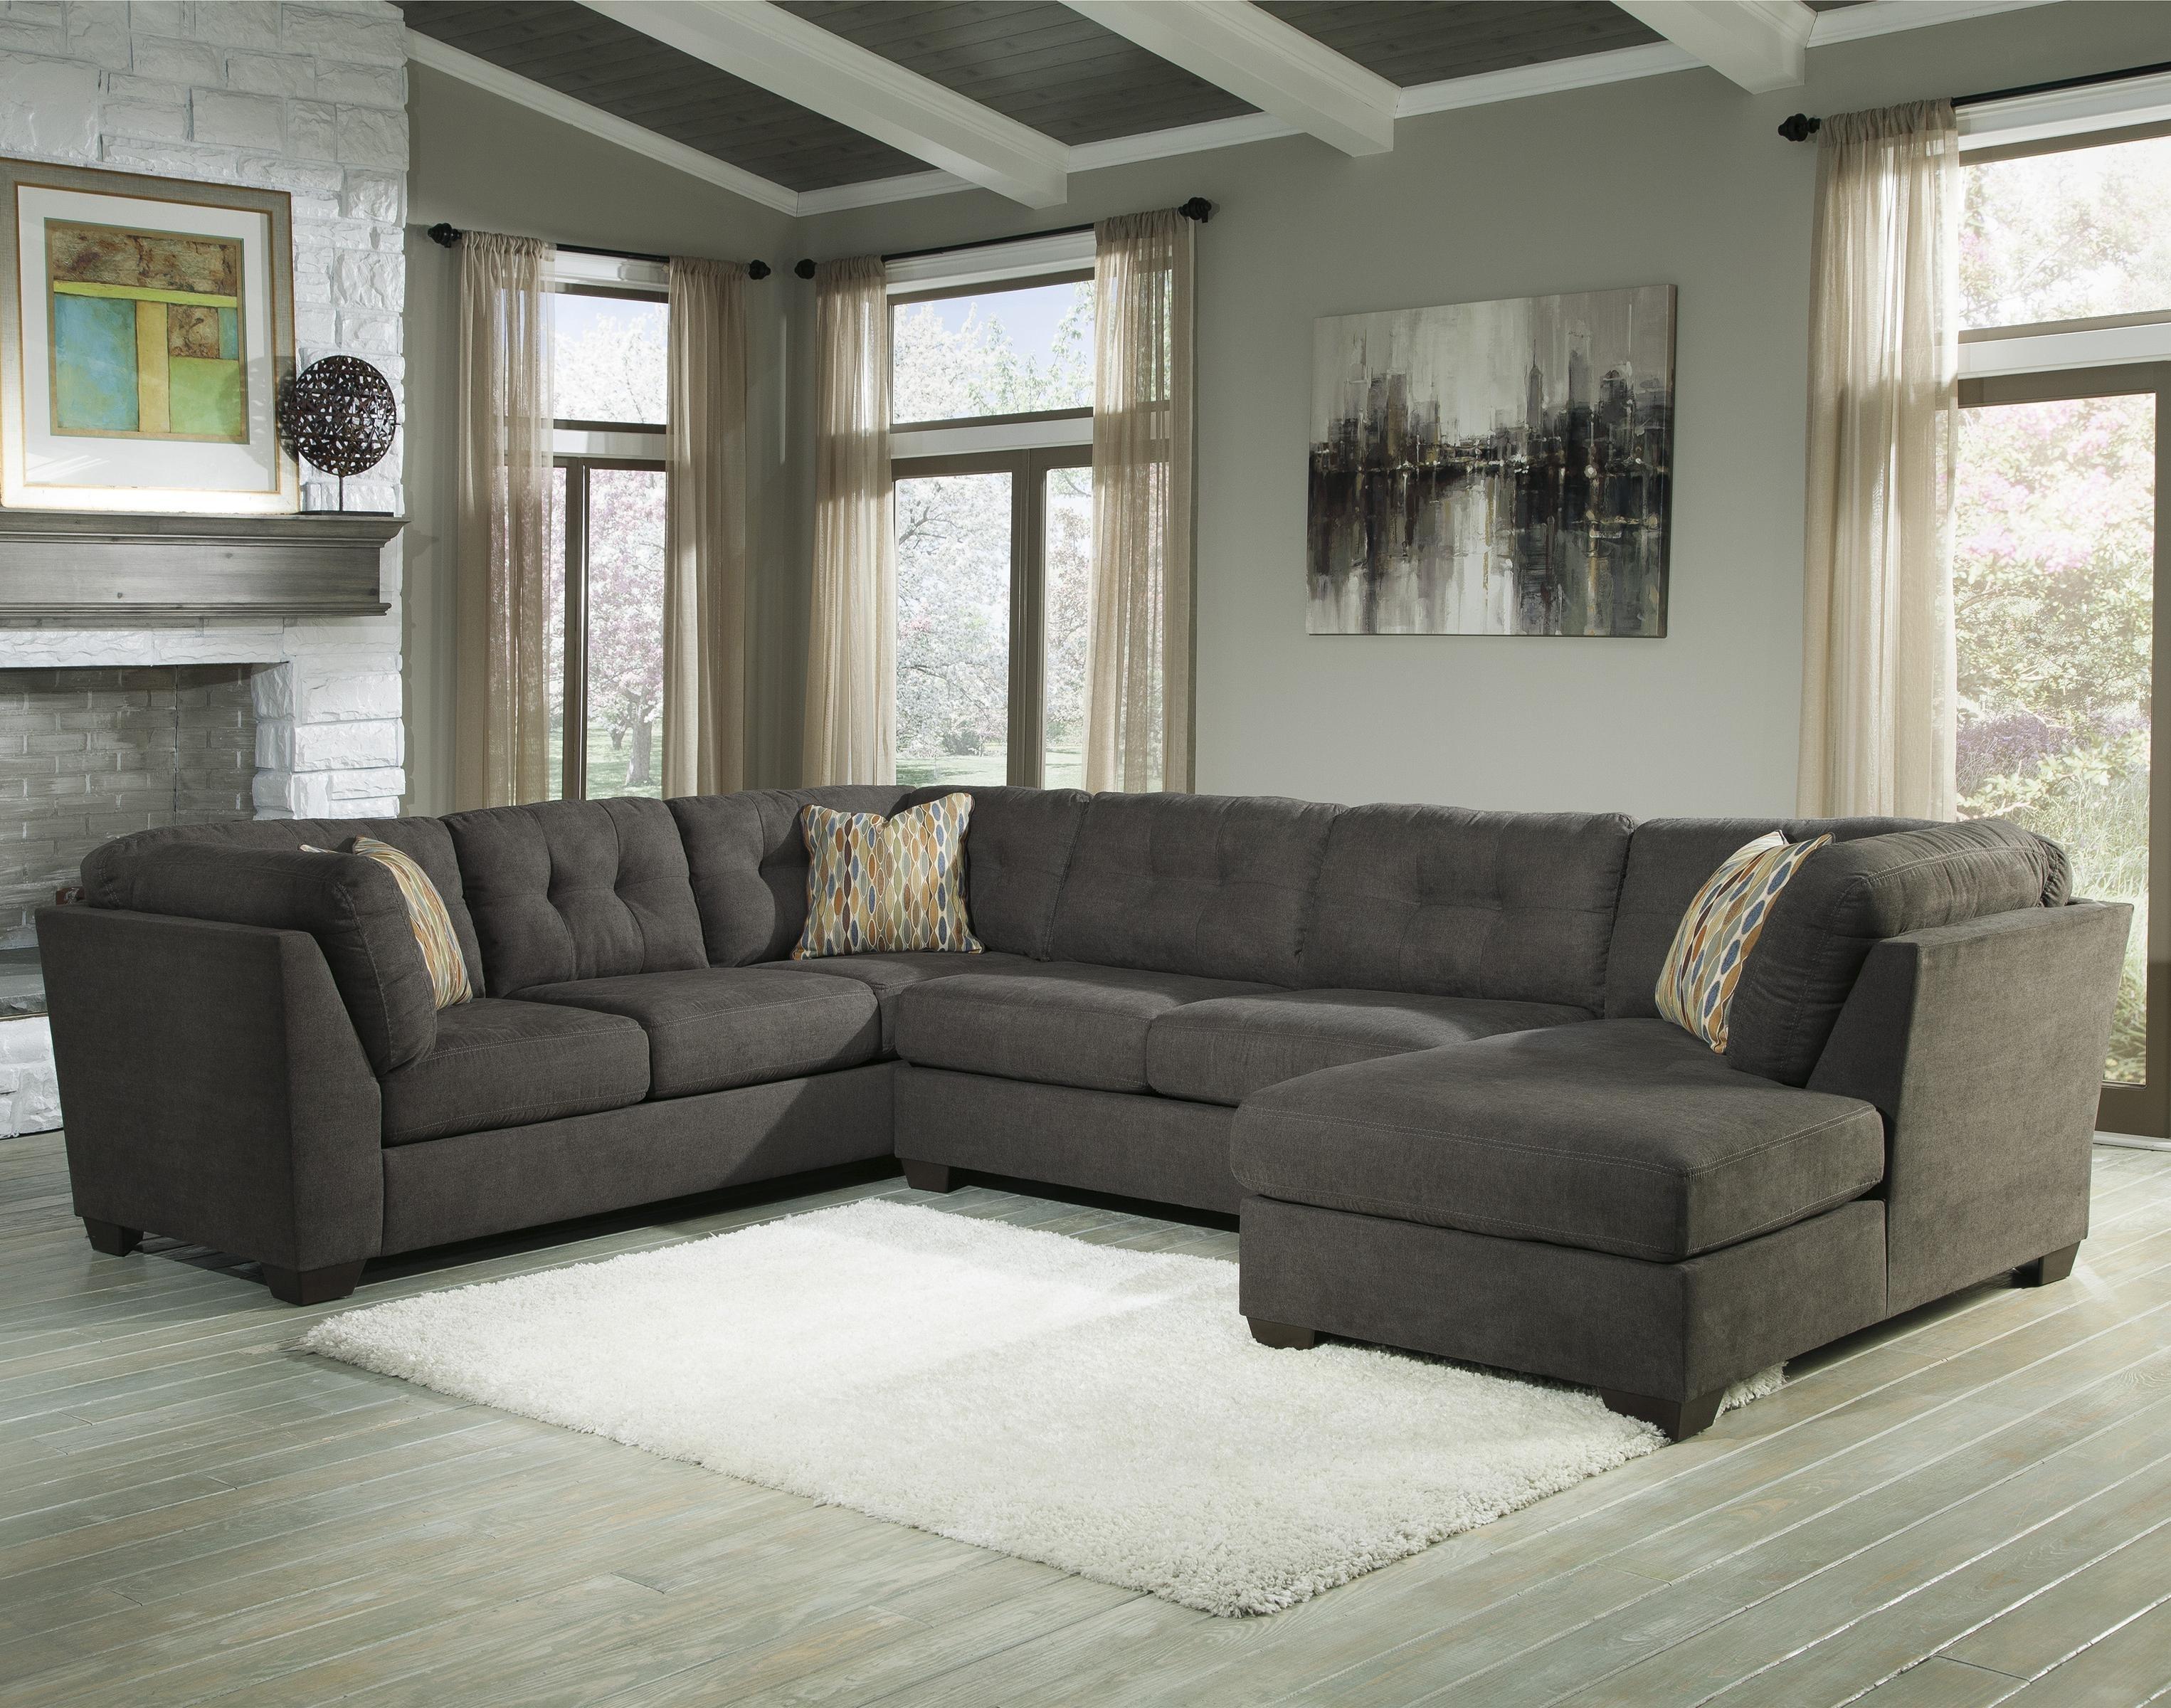 Sectional Sofas Jackson Ms • Sectional Sofa Inside Jackson Ms Sectional Sofas (View 2 of 10)